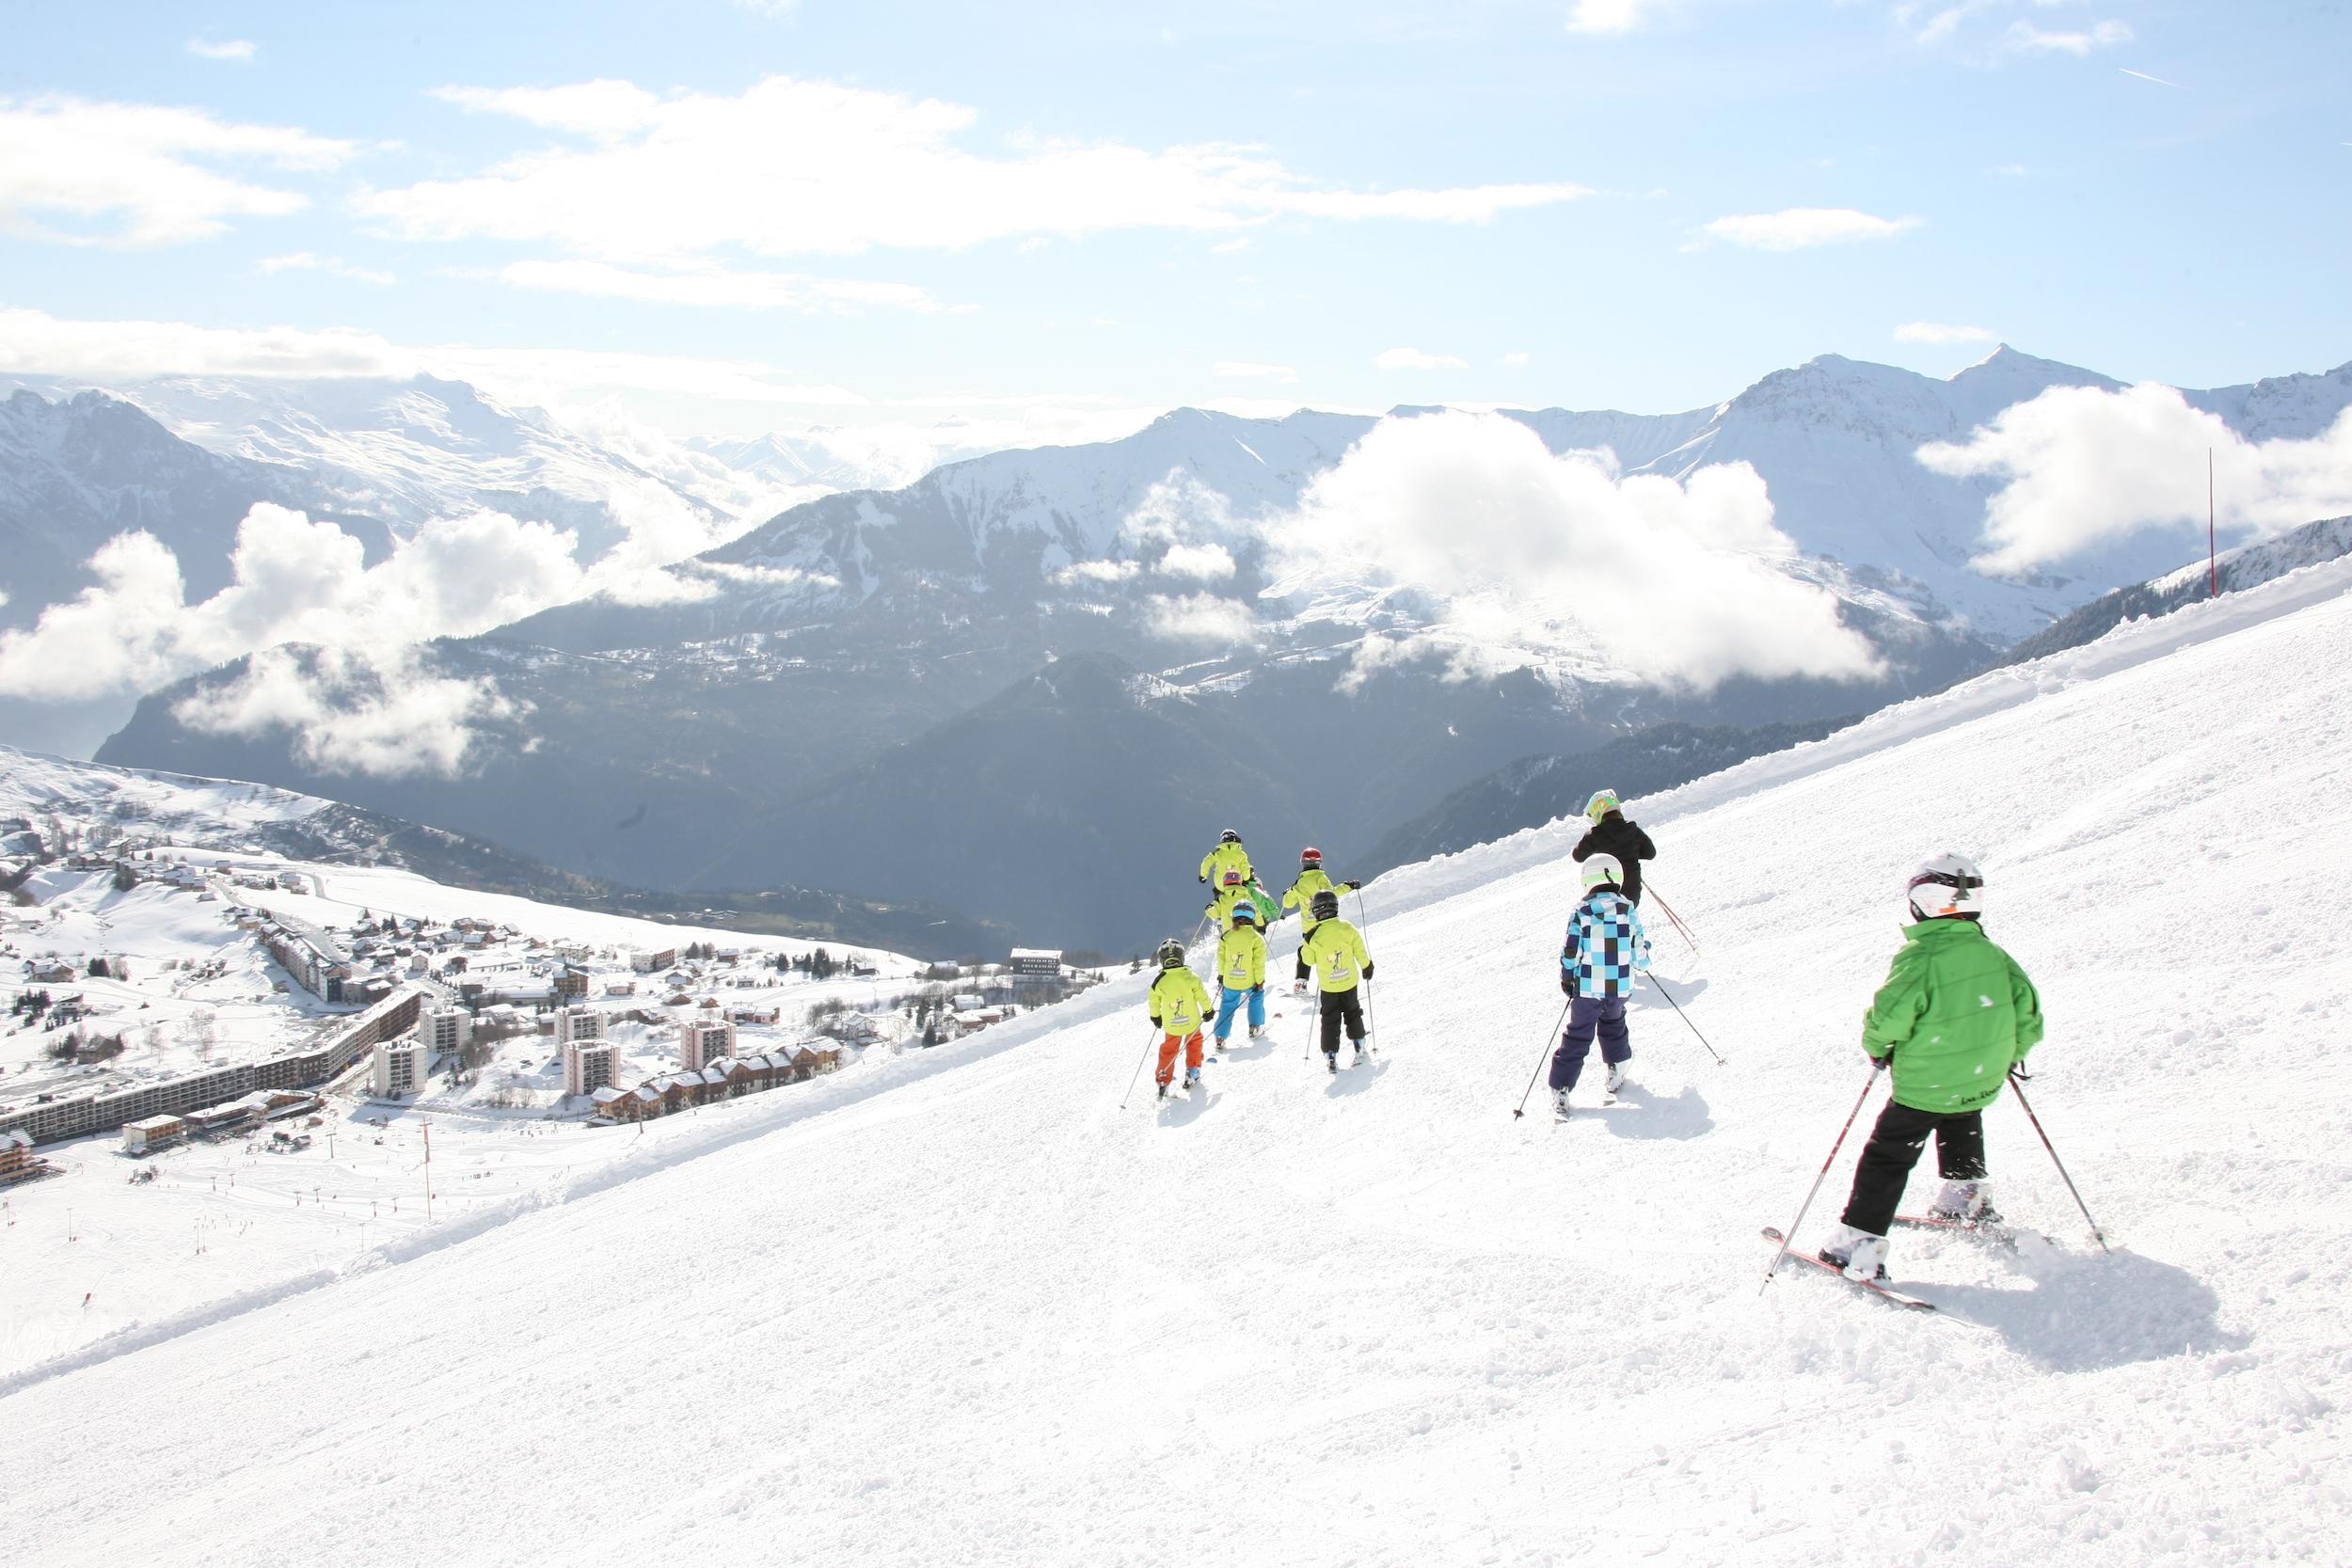 Pistes de ski La Toussuire - Crédit photo : OT La Toussuire & clic-clac photo